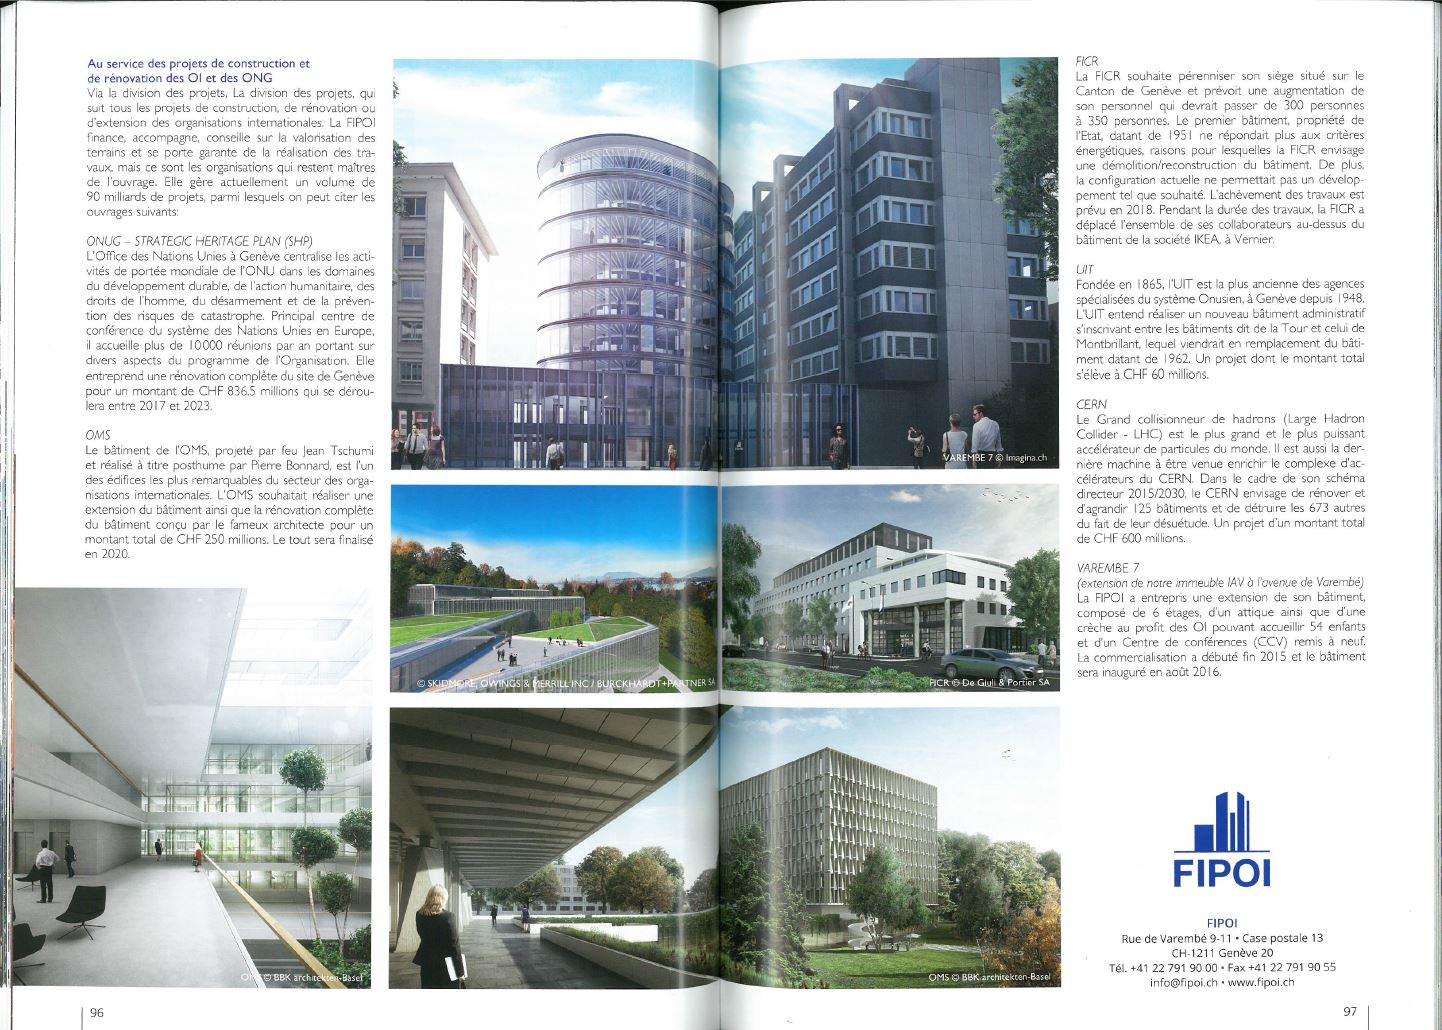 texte: FIPOI Illustration: D.Ryser Santo pages: 58 à 61